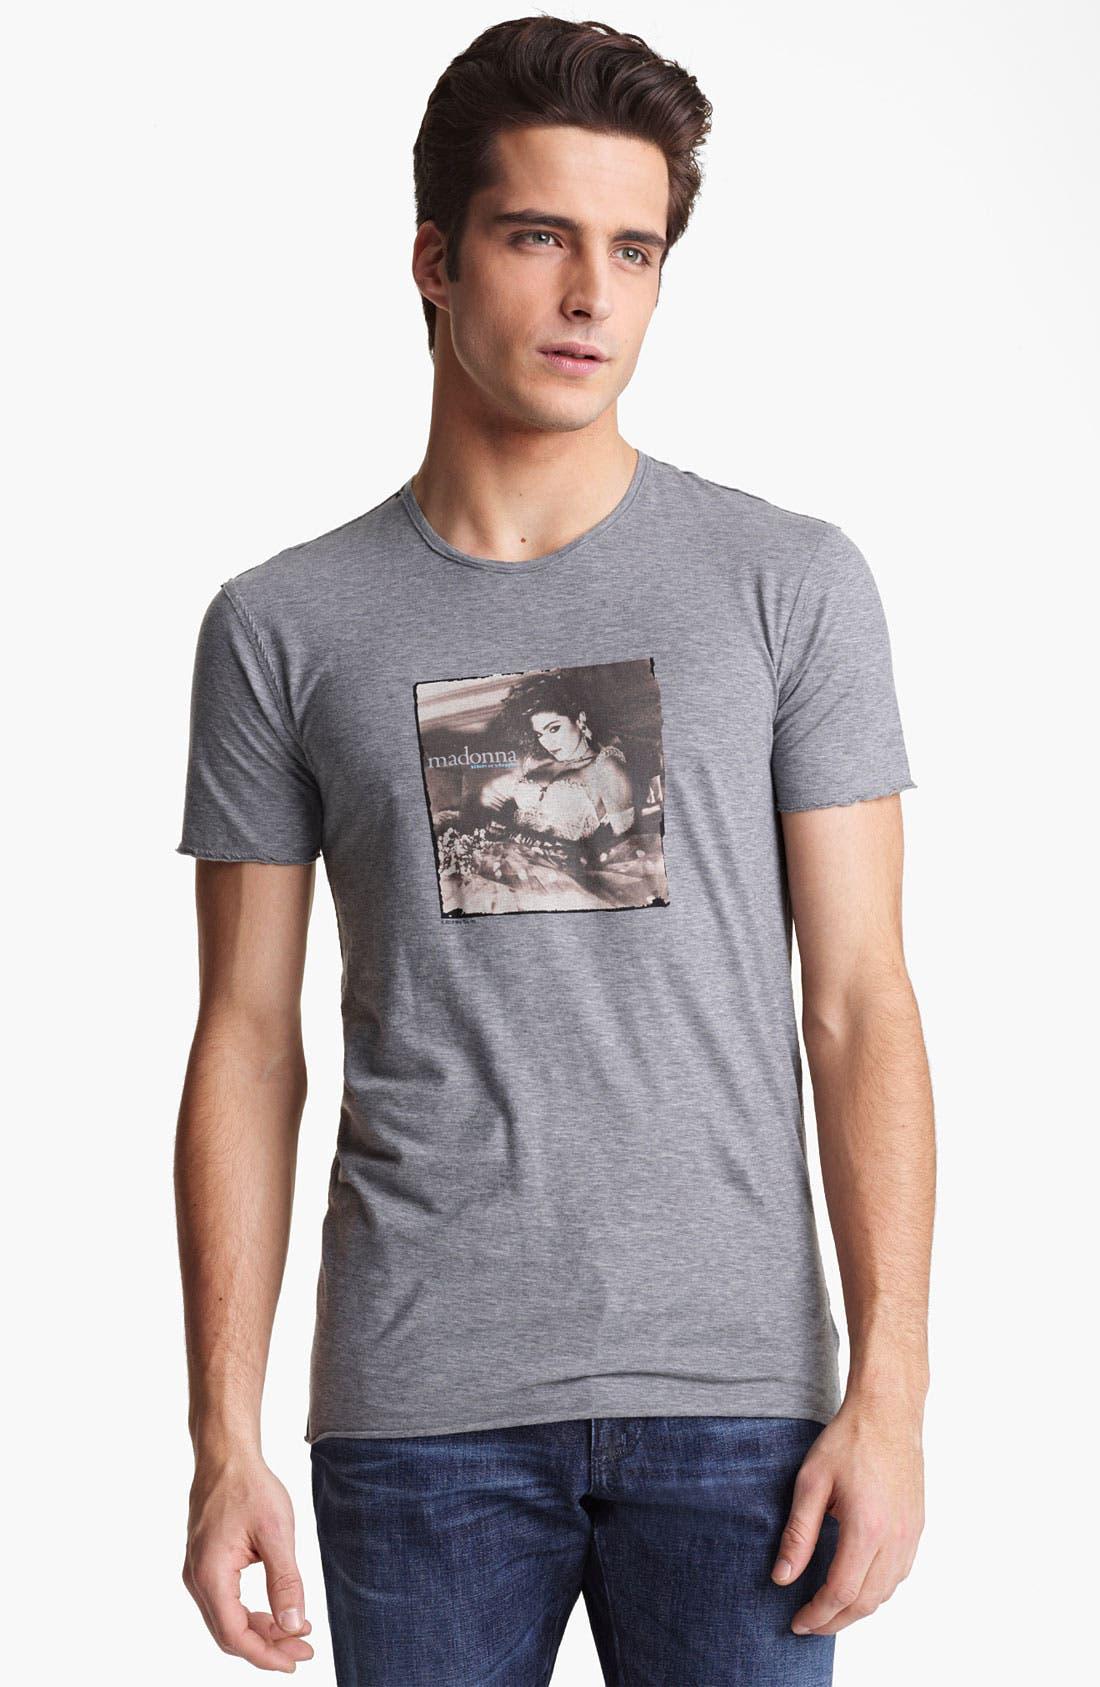 Main Image - Dolce&Gabbana 'Madonna - Like a Virgin' Graphic T-Shirt